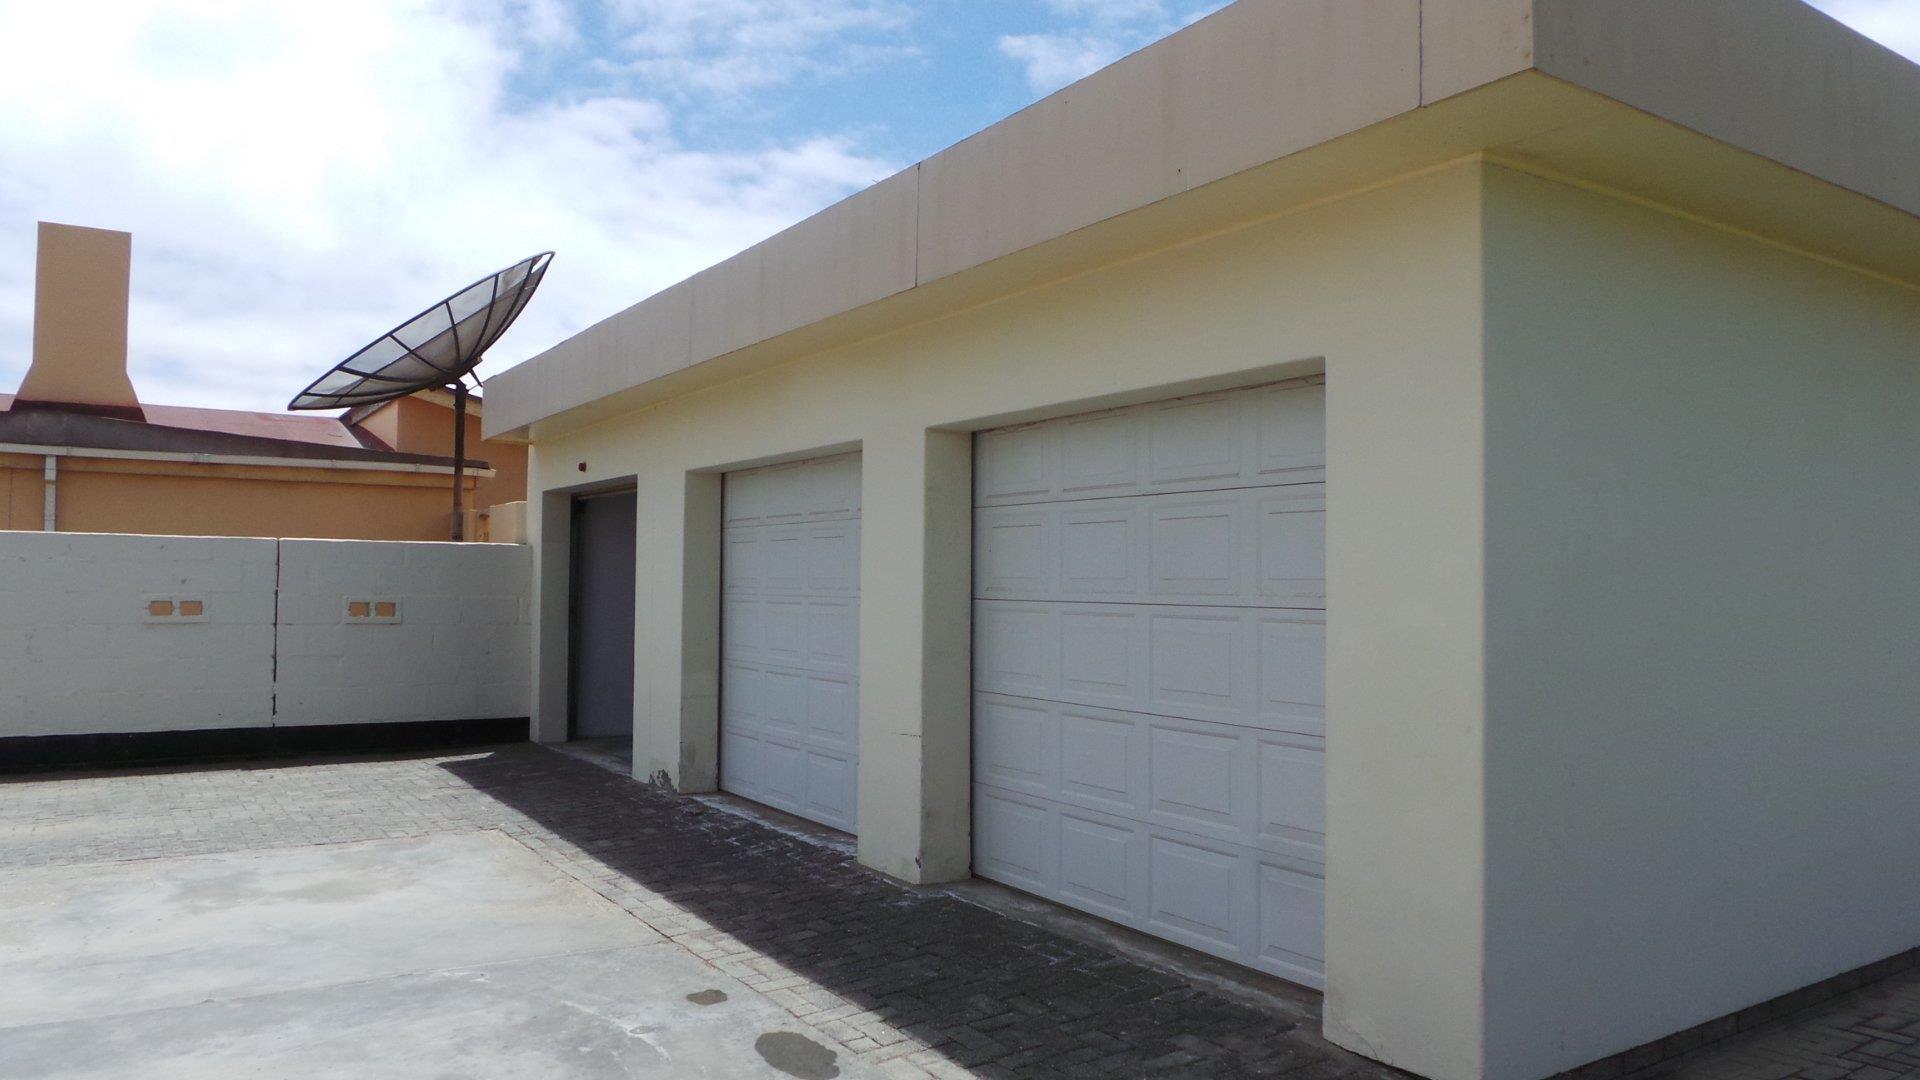 3 garages